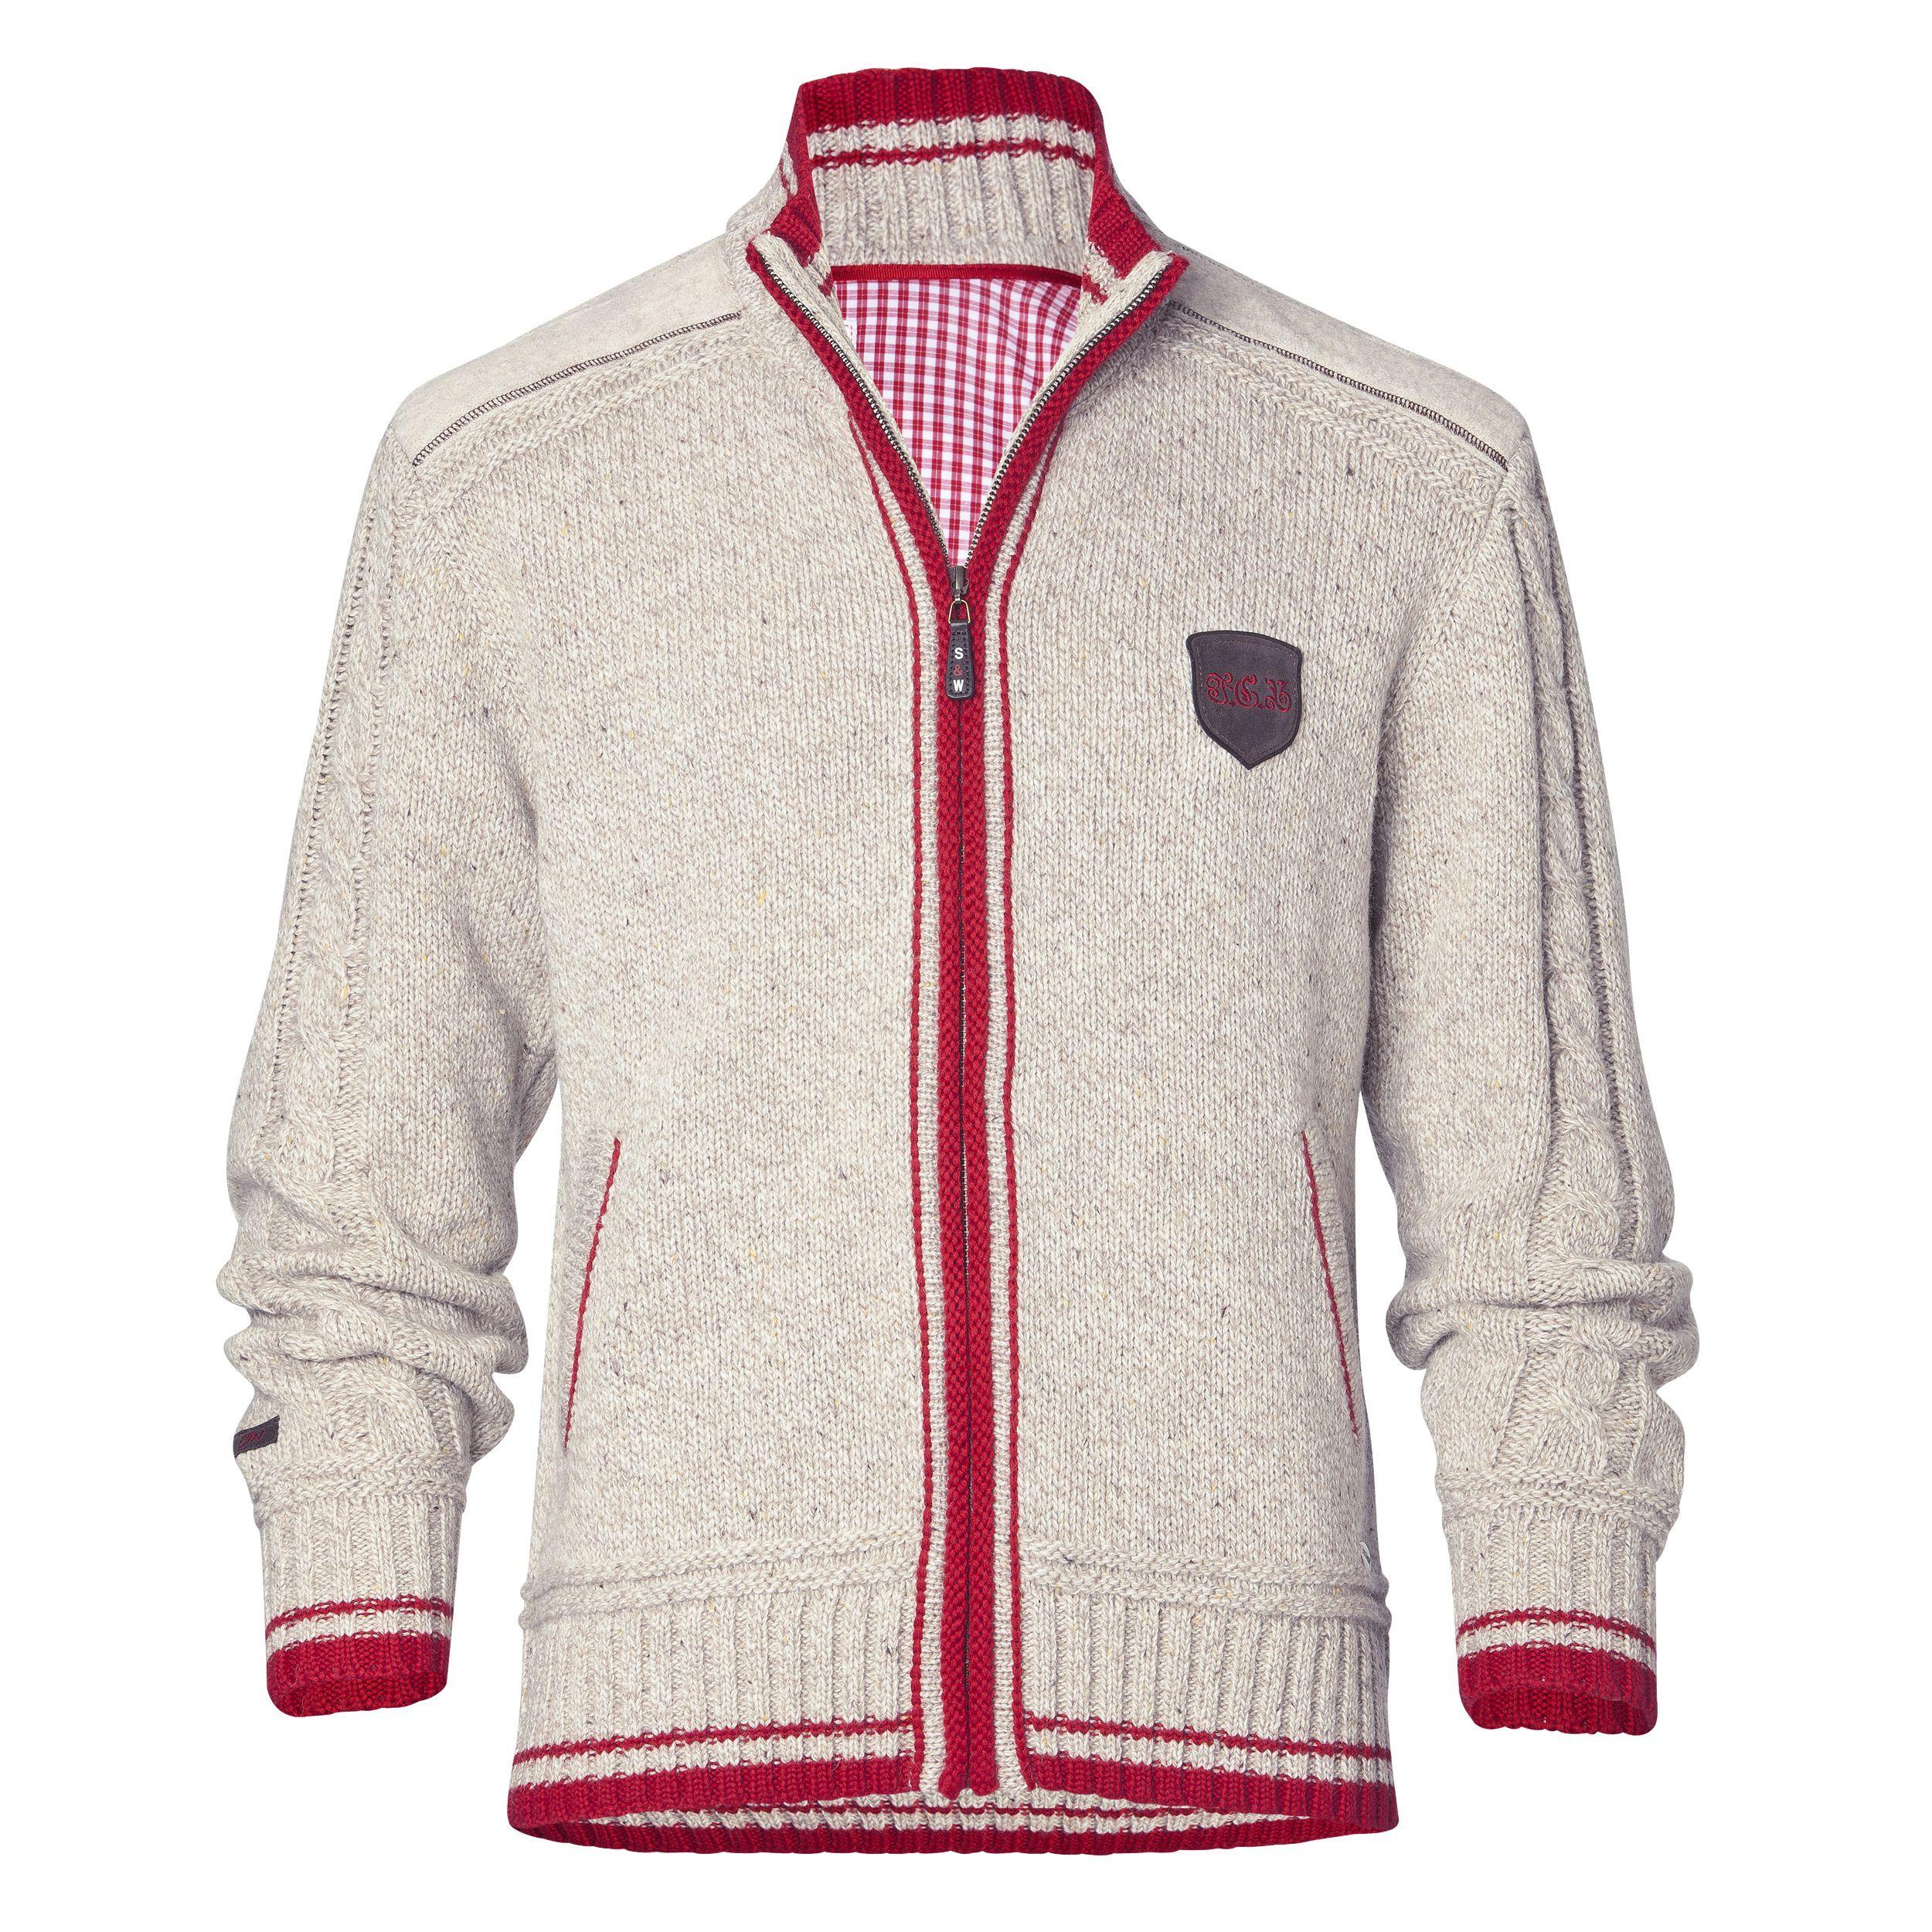 knit jacket jacket online bestellen im fc bayern fanshop. Black Bedroom Furniture Sets. Home Design Ideas